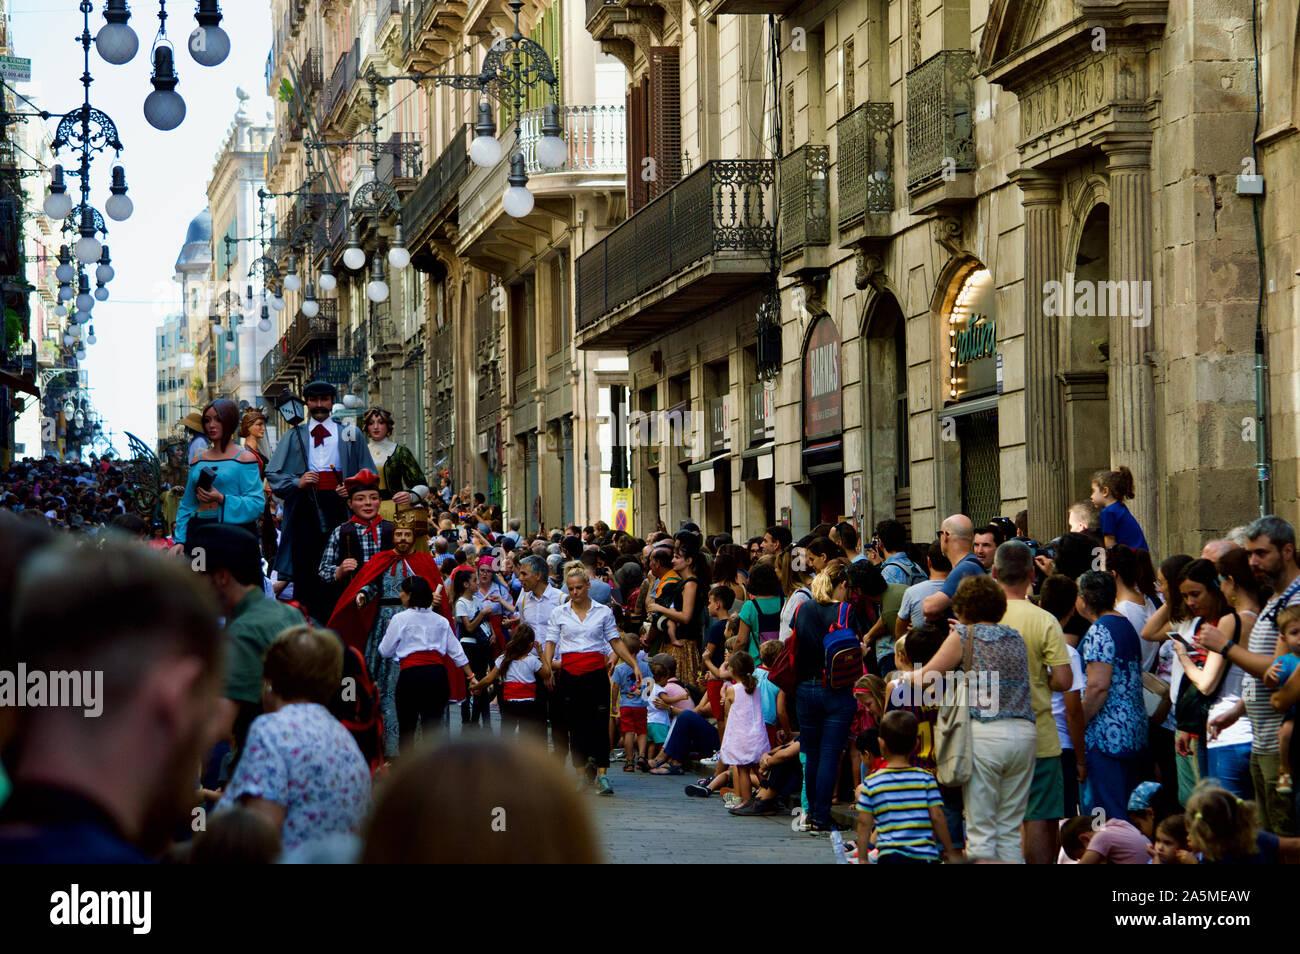 La Parata dei giganti durante la Merce Festival 2019 a Placa de Sant Jaume a Barcellona, Spagna Foto Stock